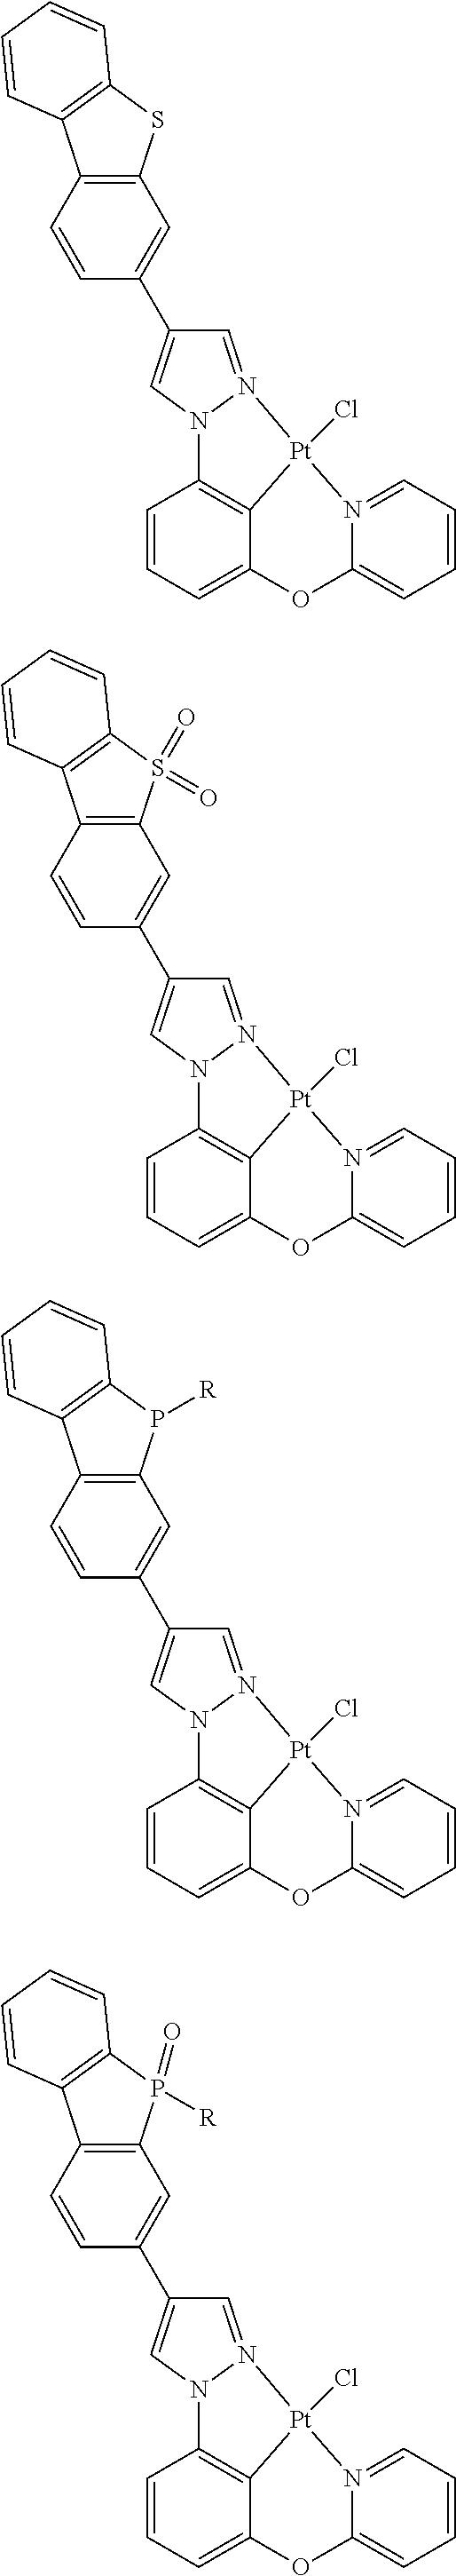 Figure US09818959-20171114-C00500